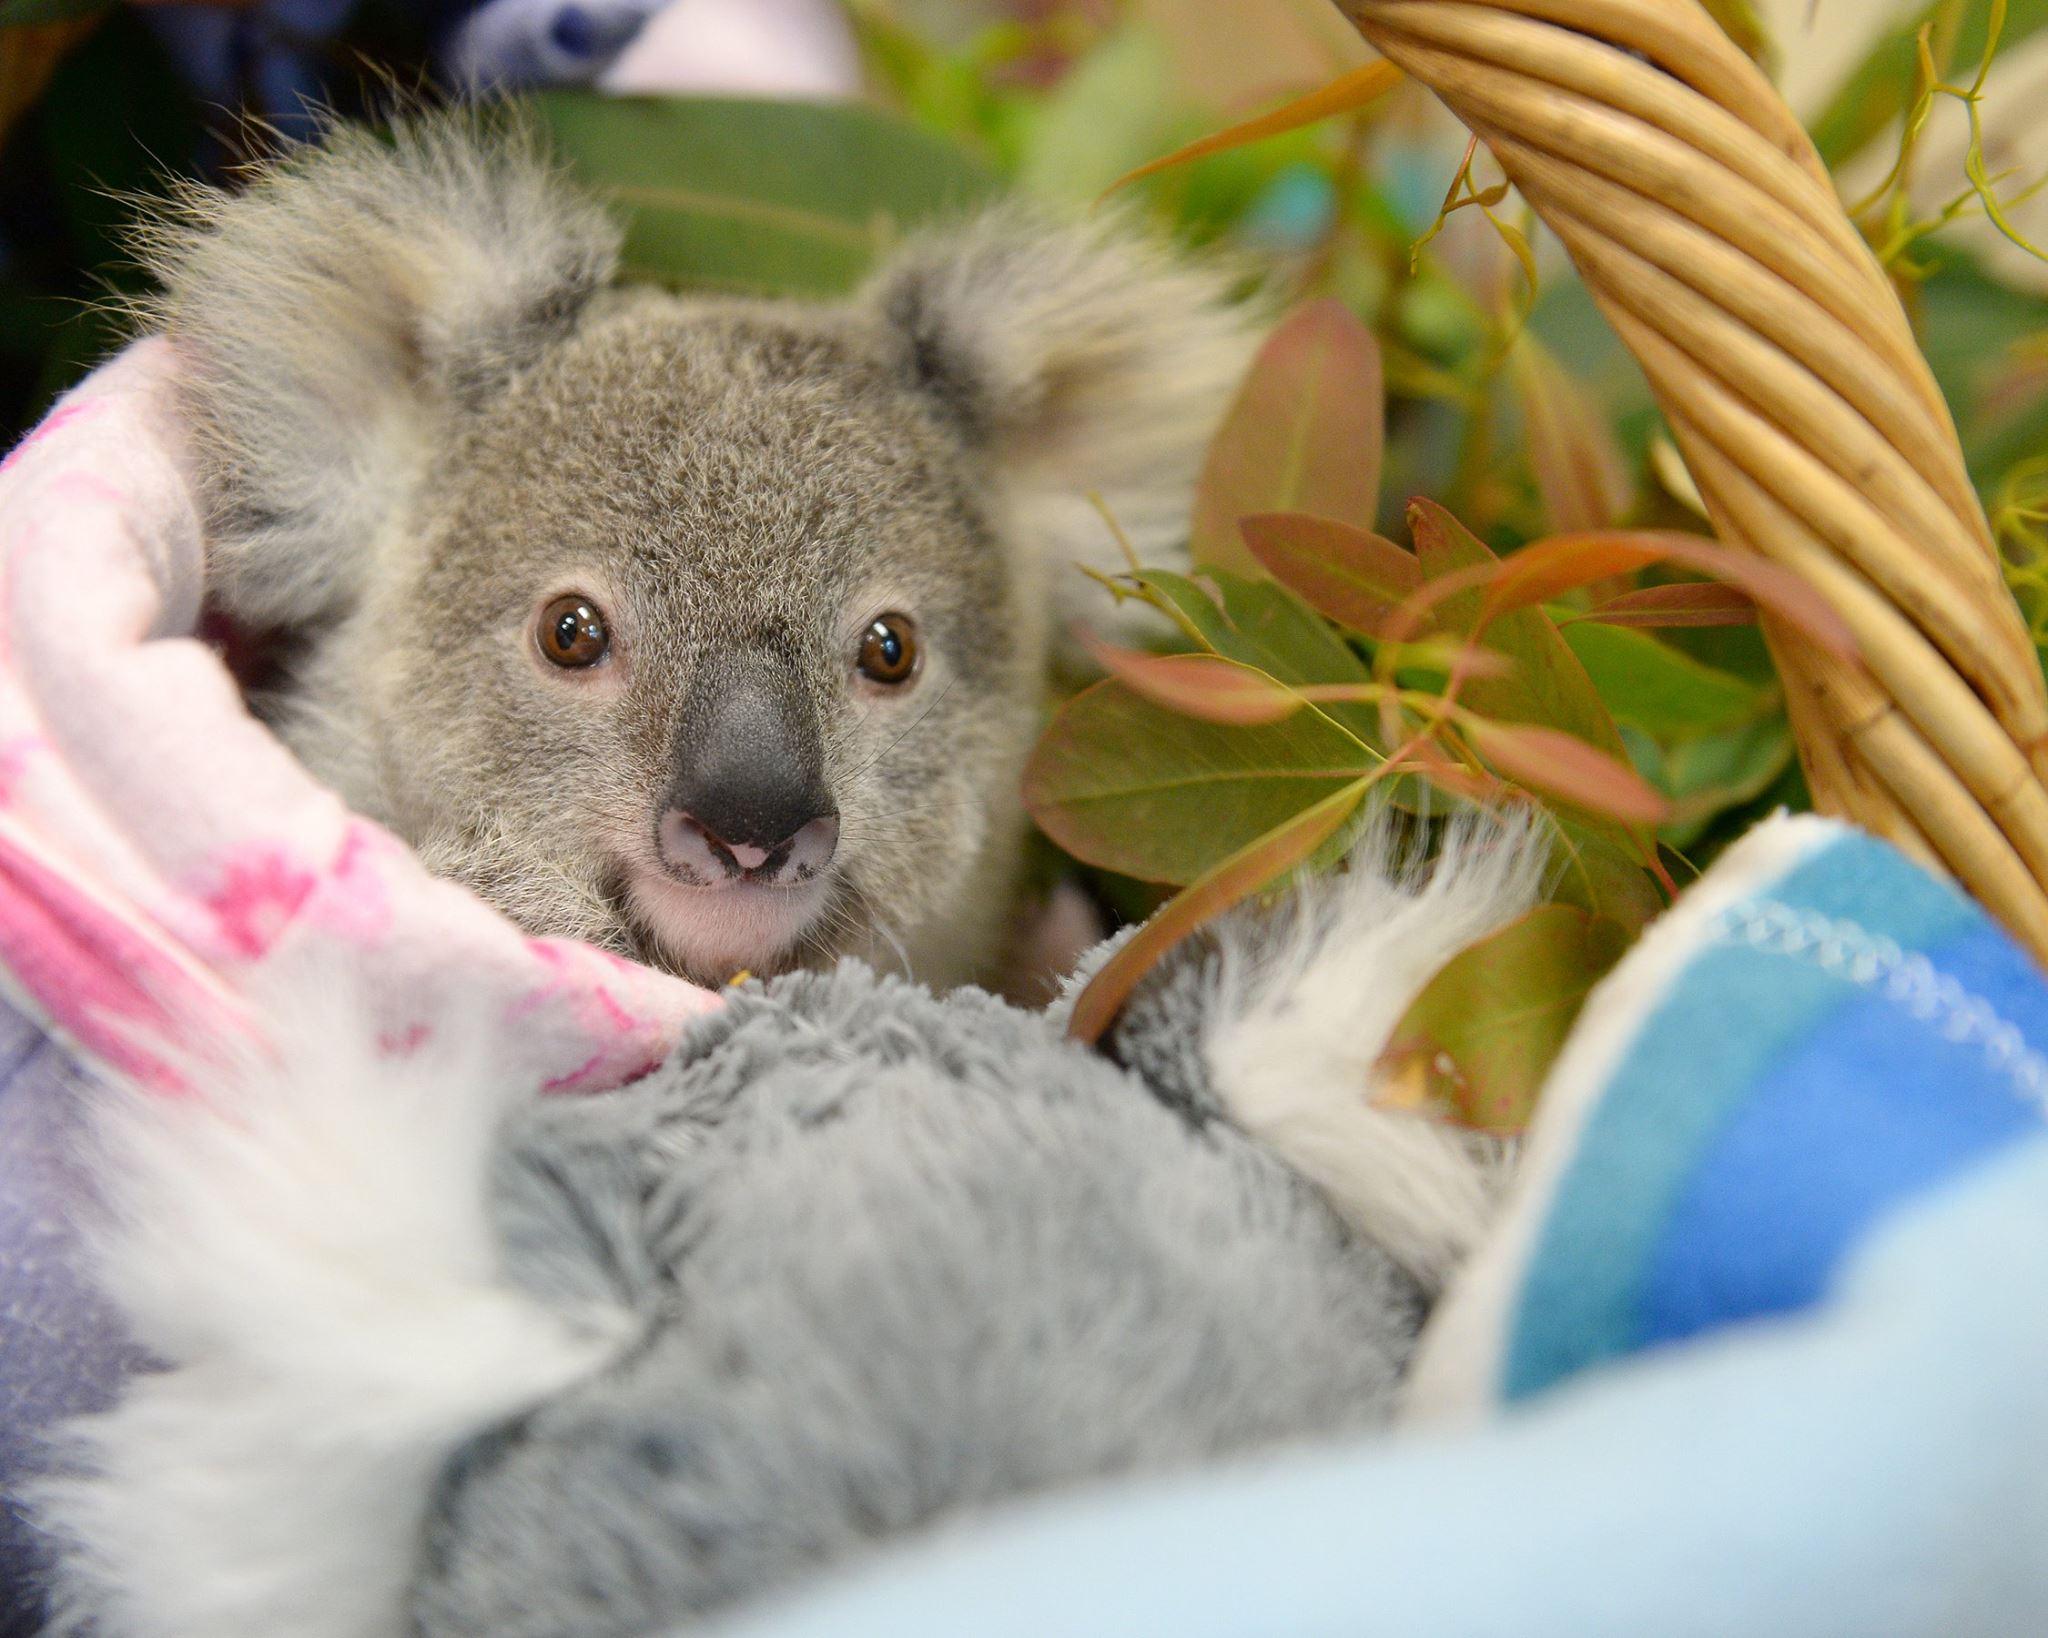 Ce bébé koala trouve du réconfort avec un jouet en peluche après avoir perdu sa maman